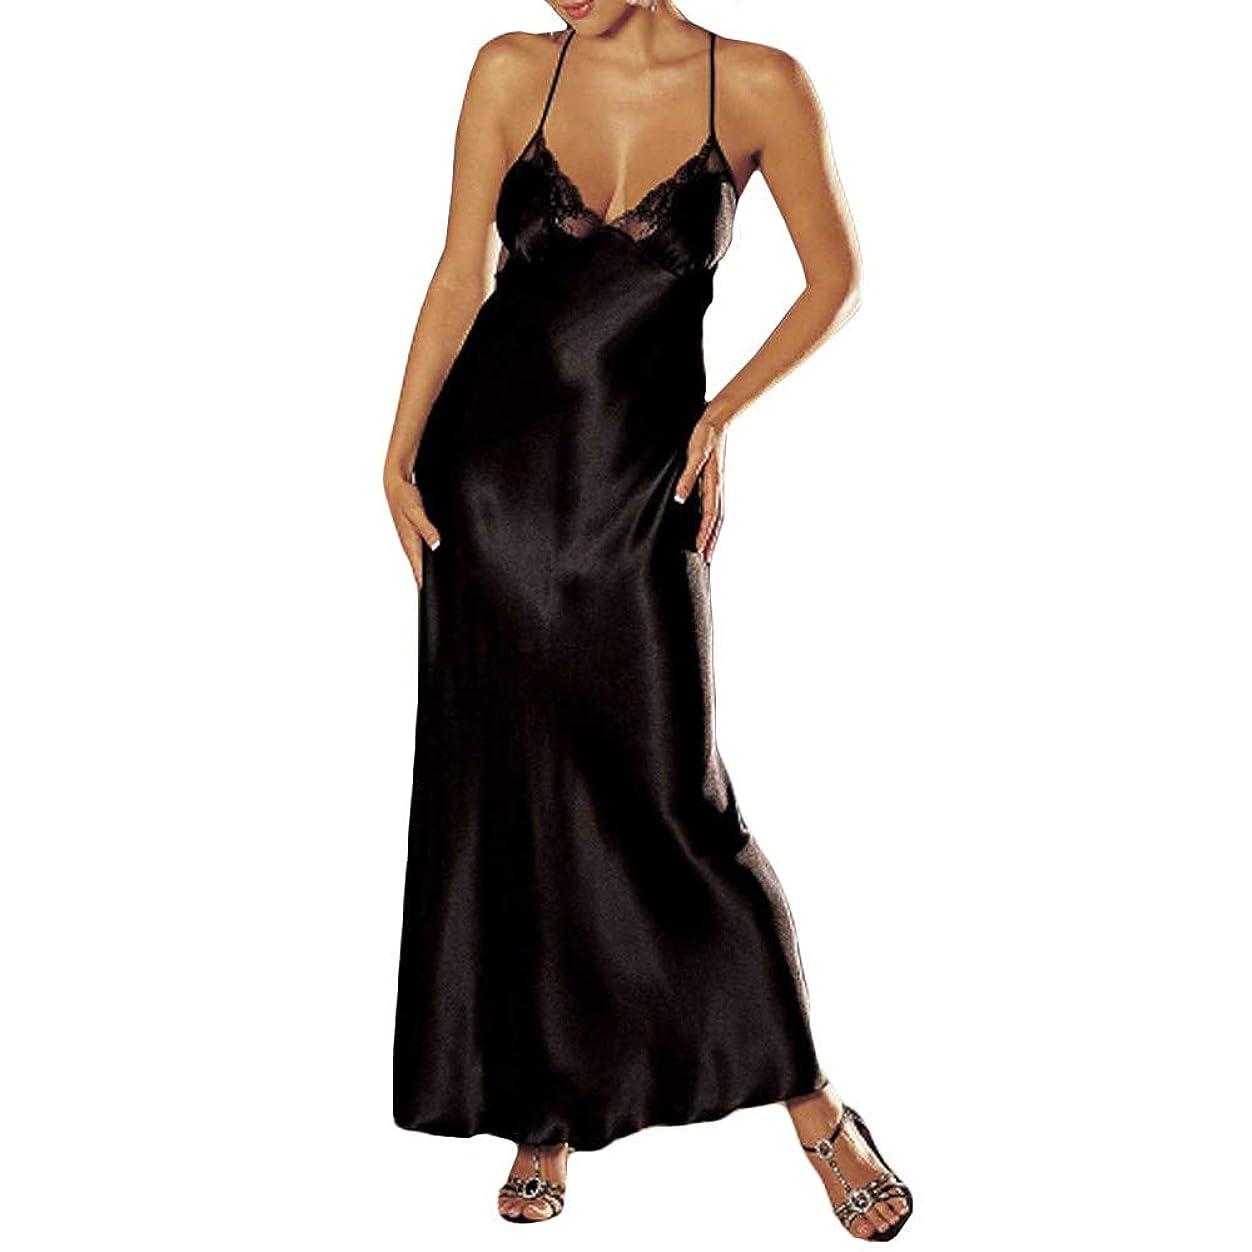 補正切手引き算吊りドレス liqiuxiang ウーマン 快適 柔らかい ロングスカート 女性 エレガント 着心地 通気性抜群 パジャマ レディース 上下 花柄 ノースリーブ 高級 襦袢